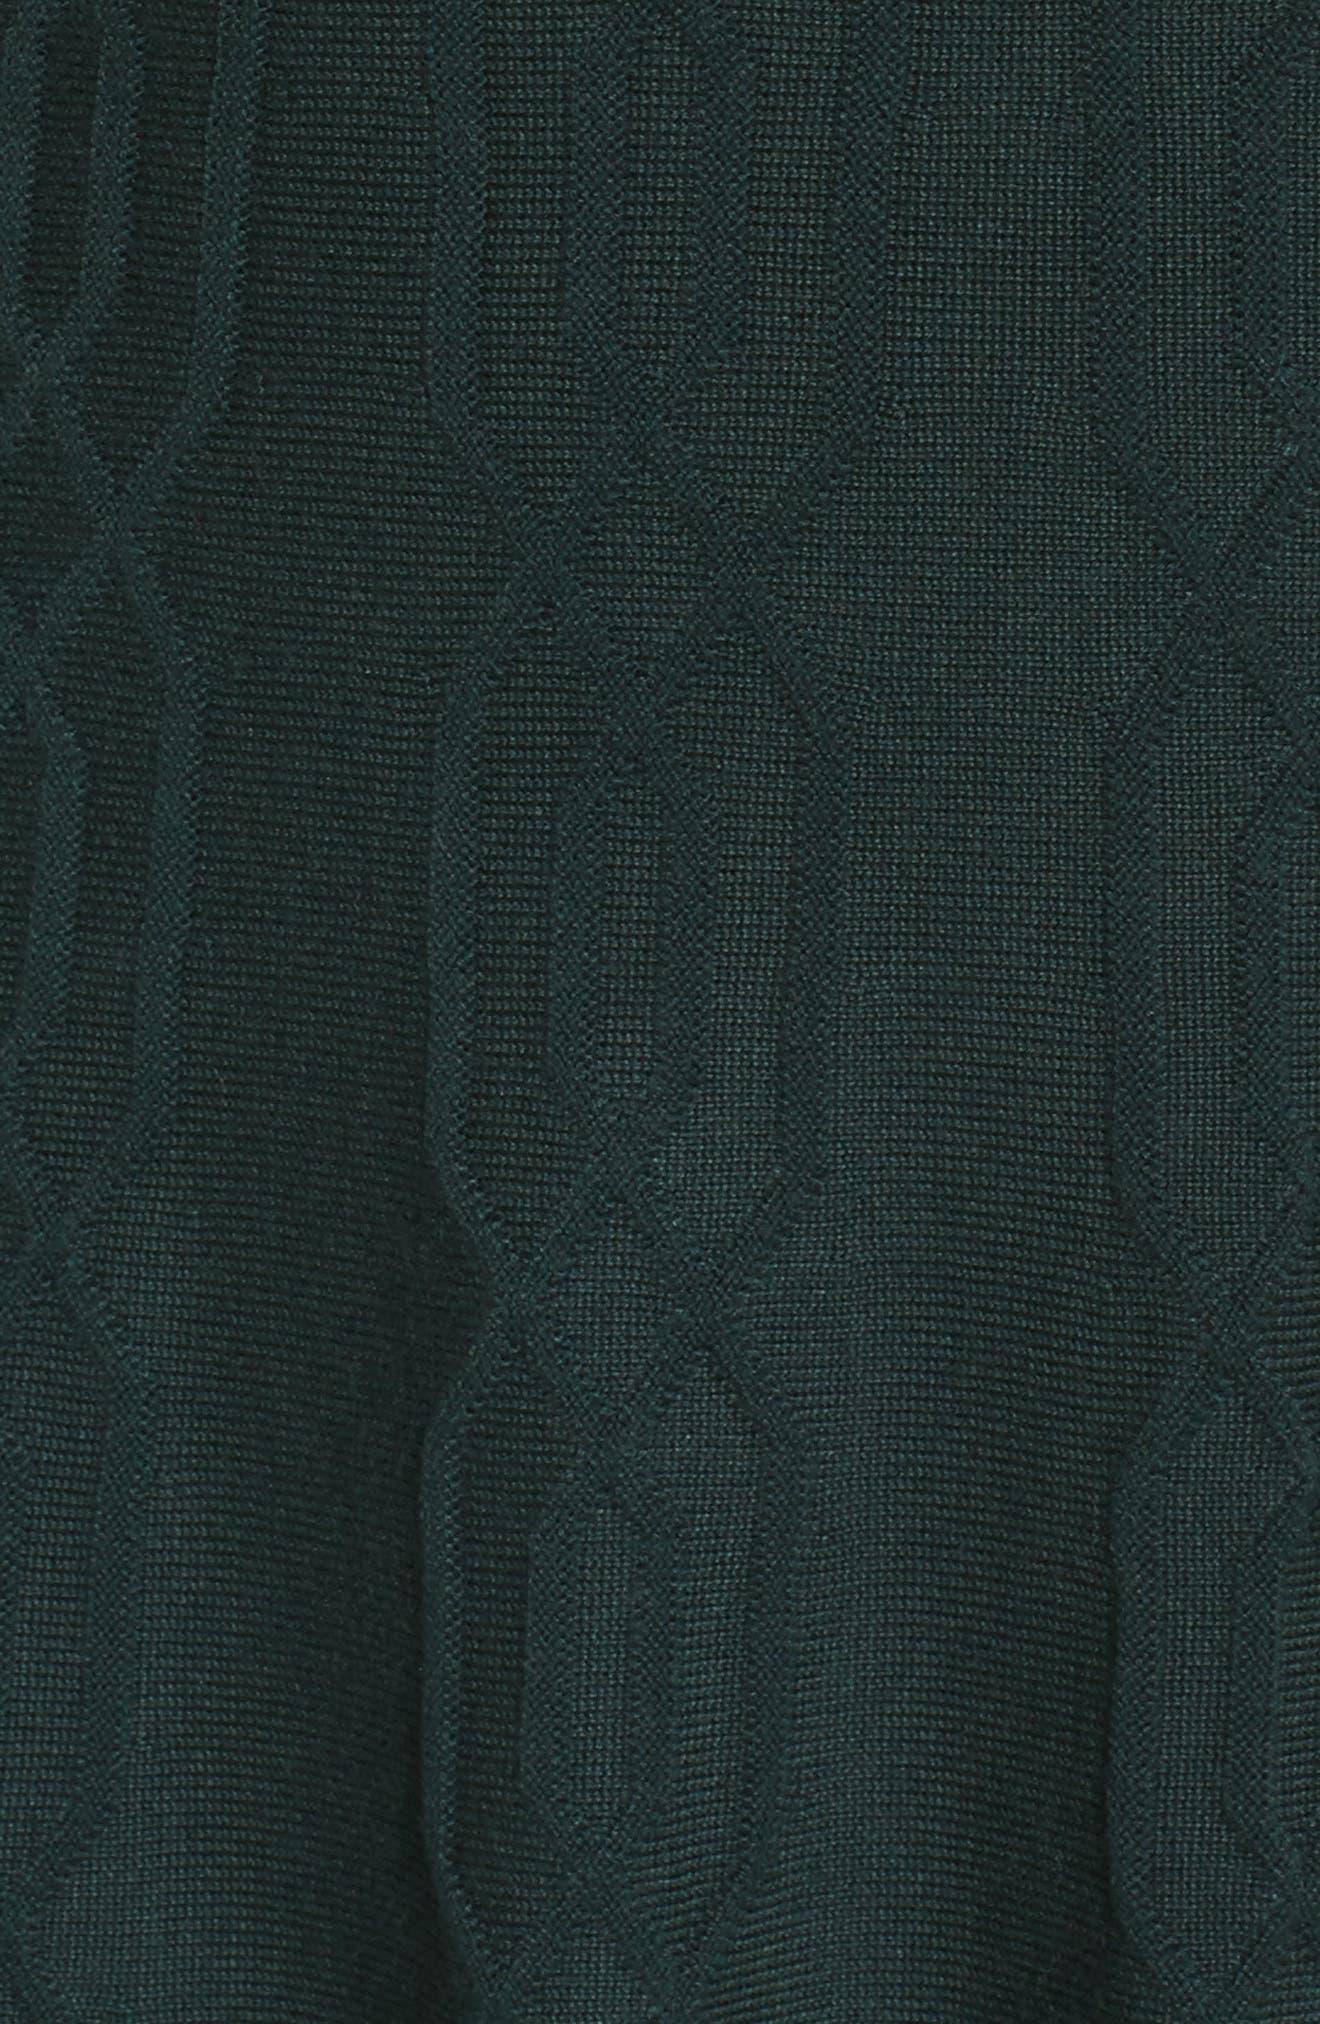 Jacquard Knit Fit & Flare Dress,                             Alternate thumbnail 5, color,                             Green